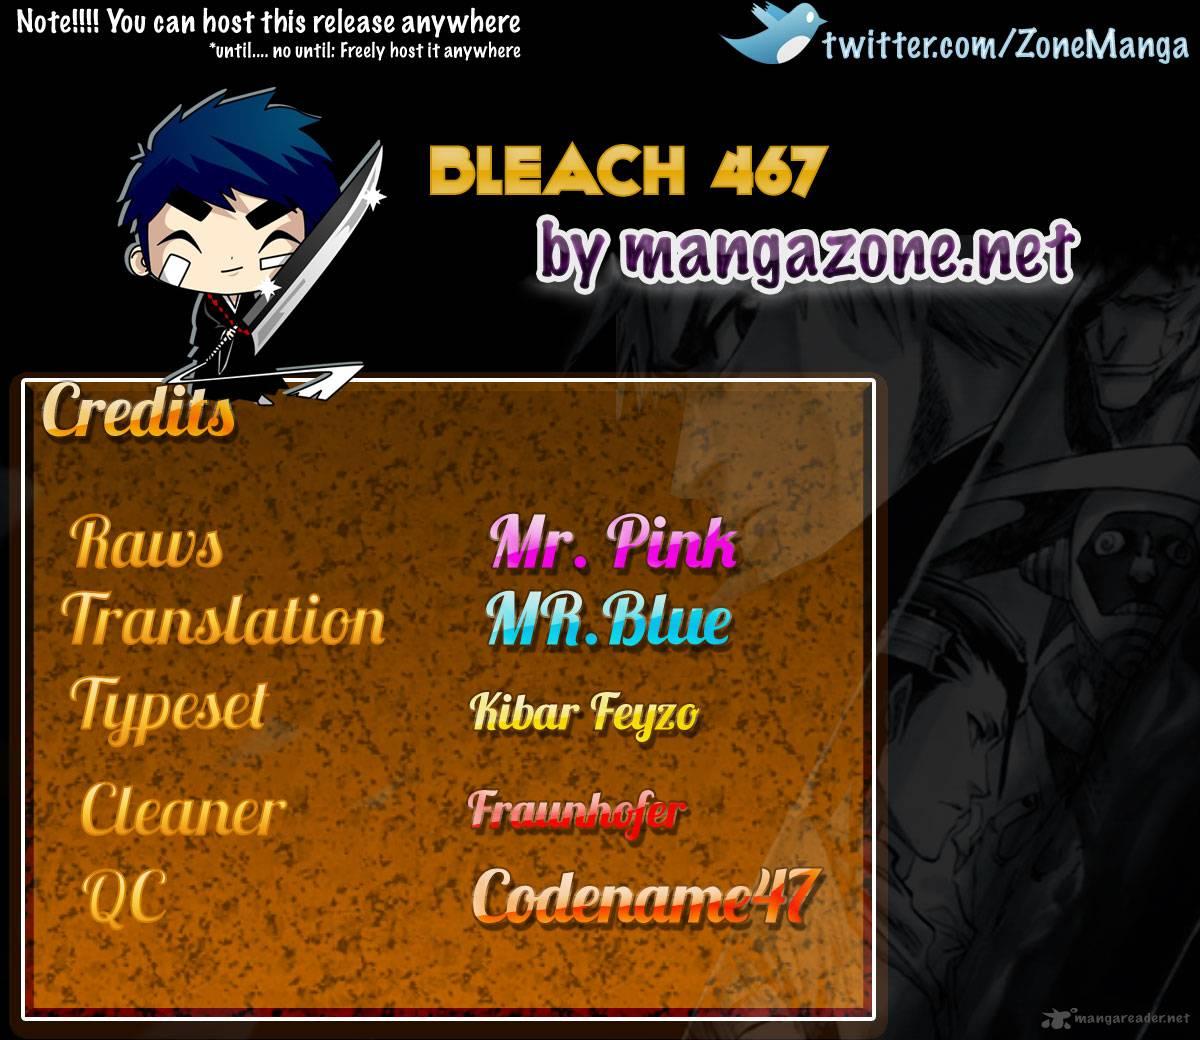 xem truyen moi - Bleach - Chapter 467